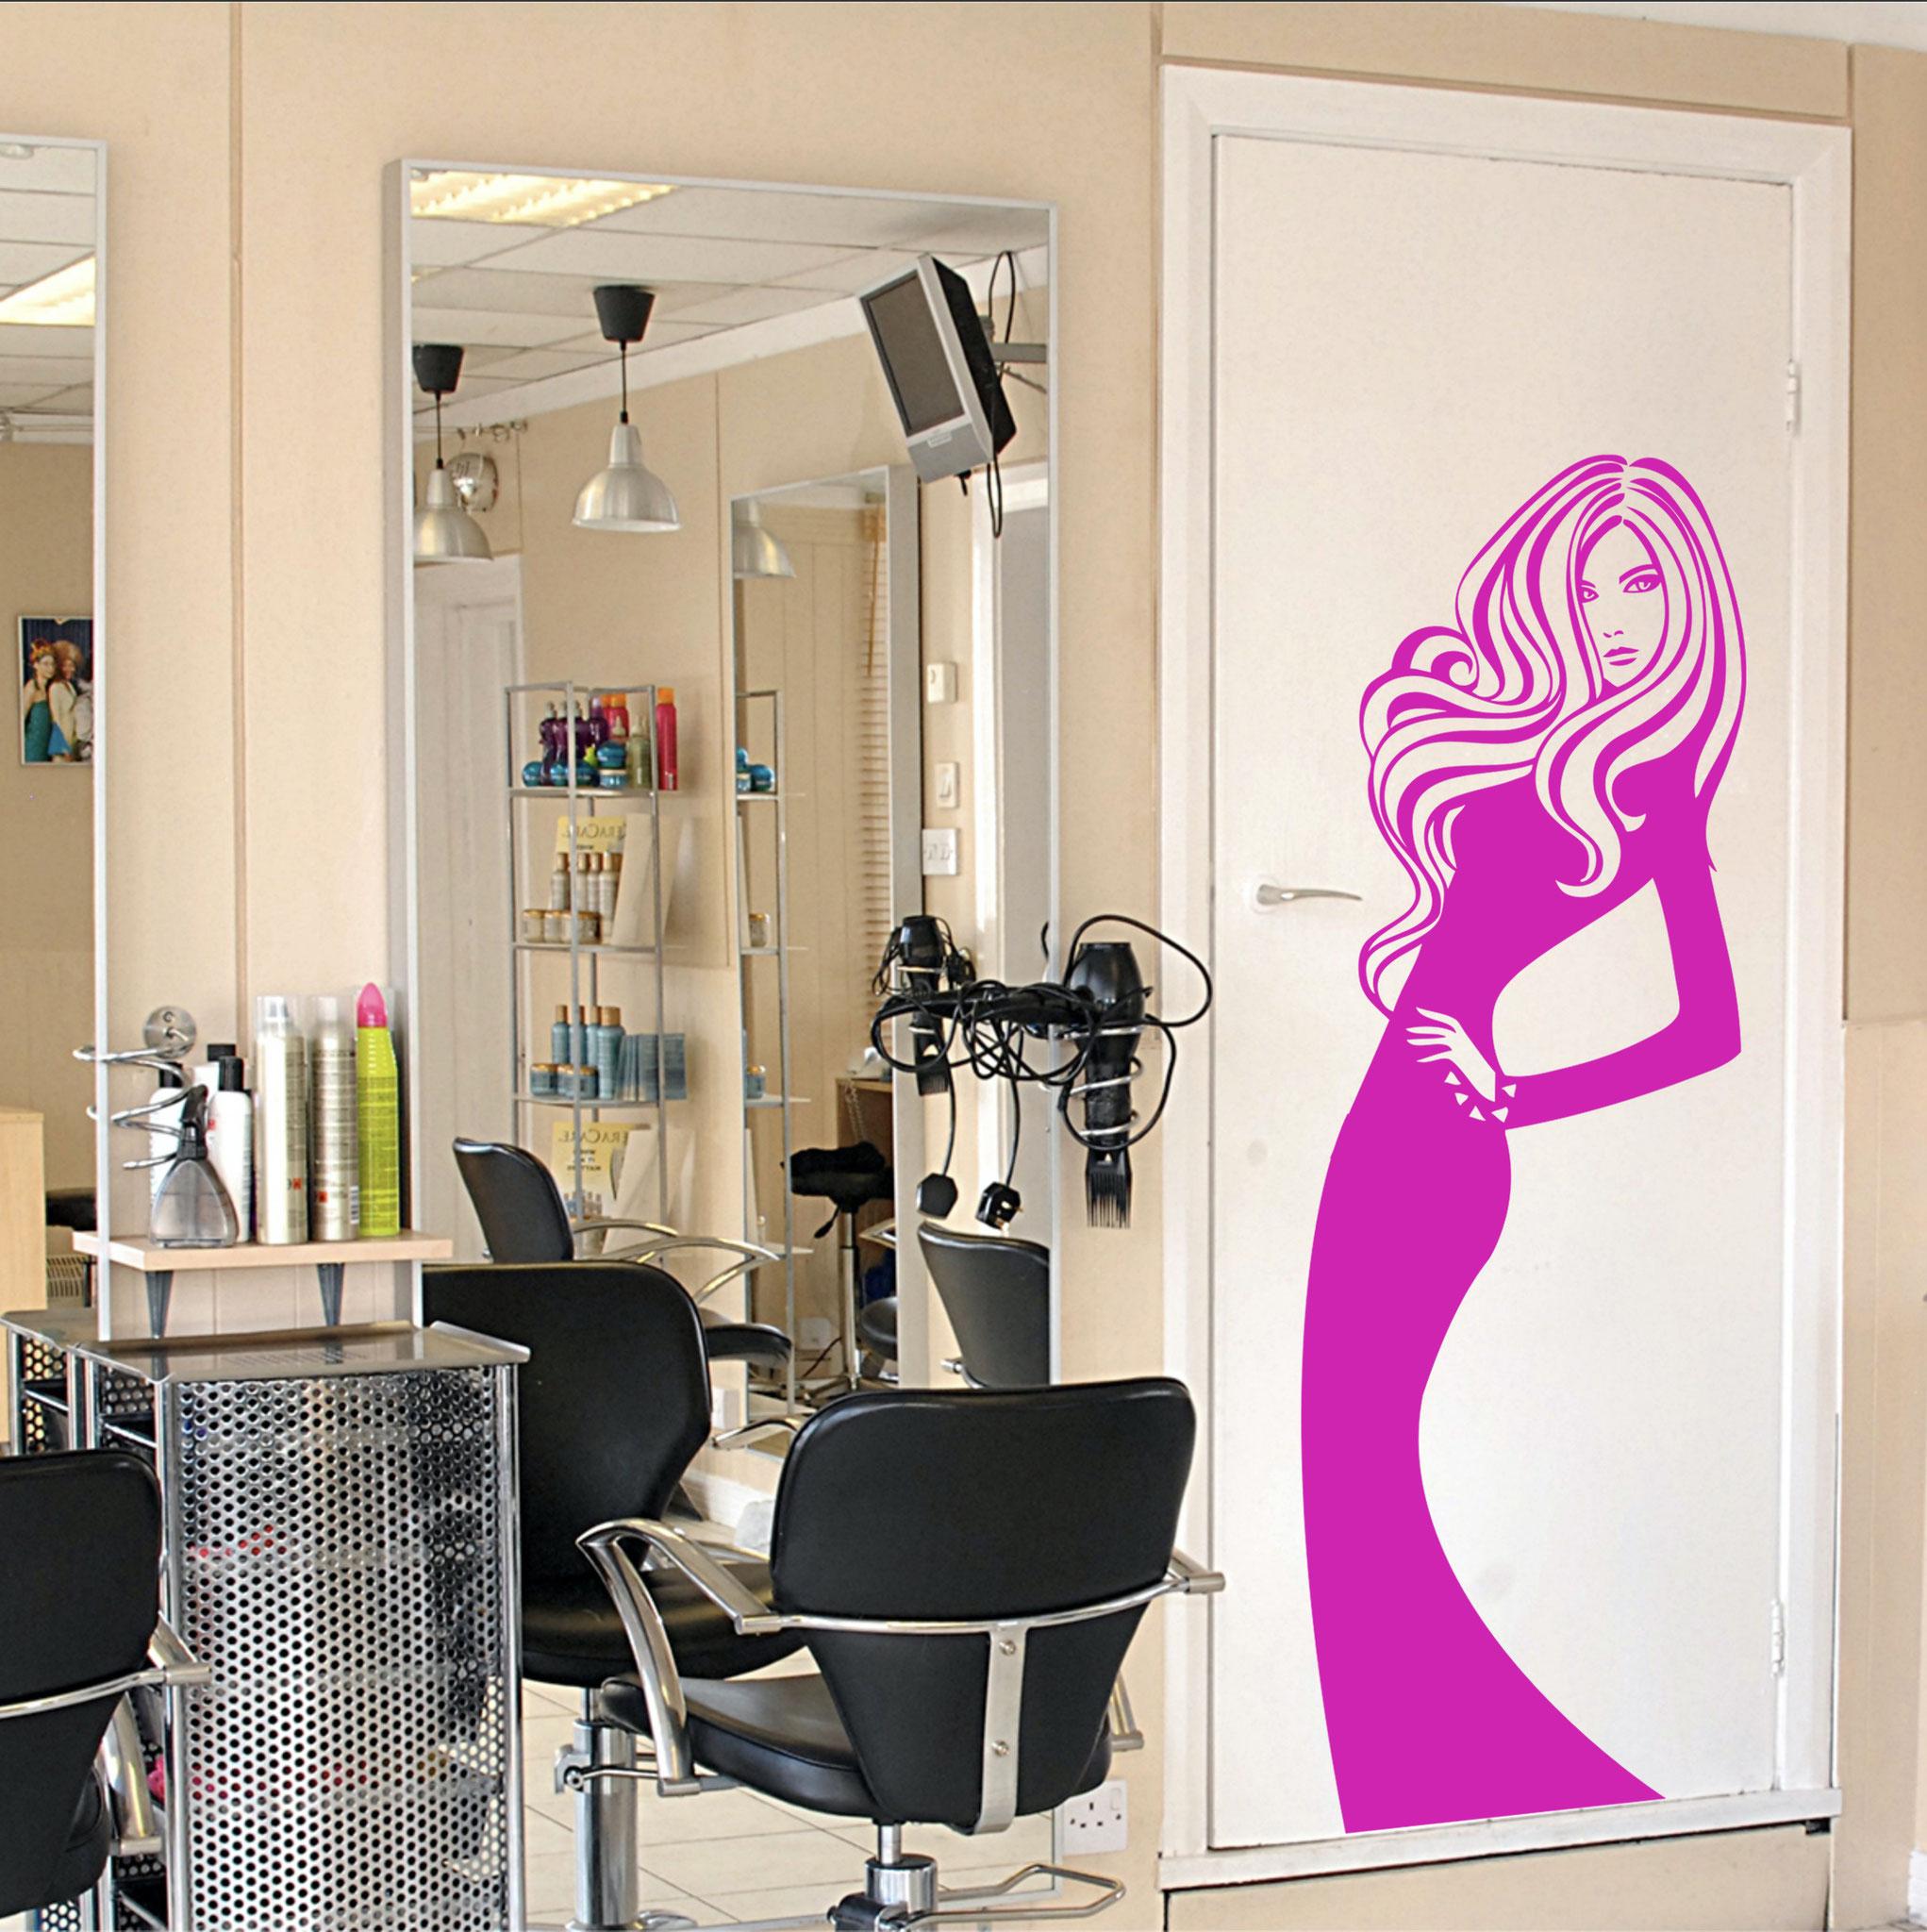 para tu negocio, belleza, estética, peluquerías